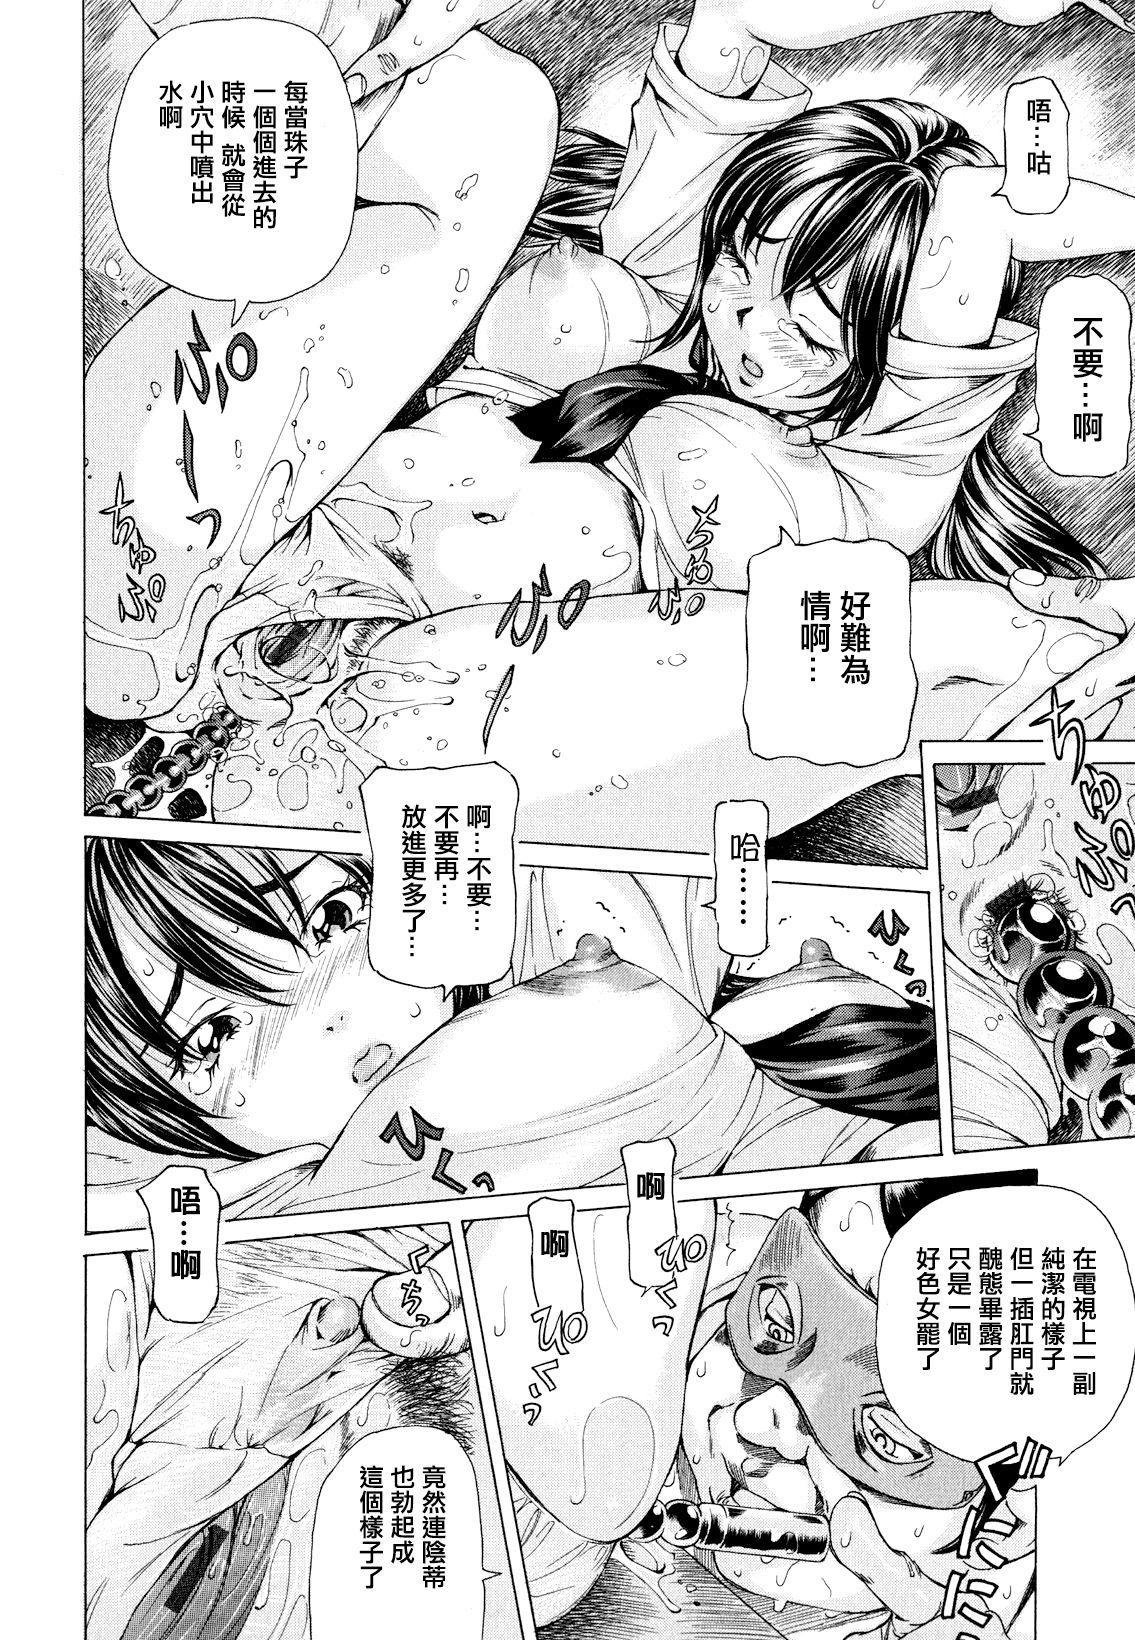 [Nohara Hiromi] Suhada-teki Bishoujo 1 -Watashi no Himitsu... Mitai? Hen- [Chinese] [紫色老太婆个人汉化] 20